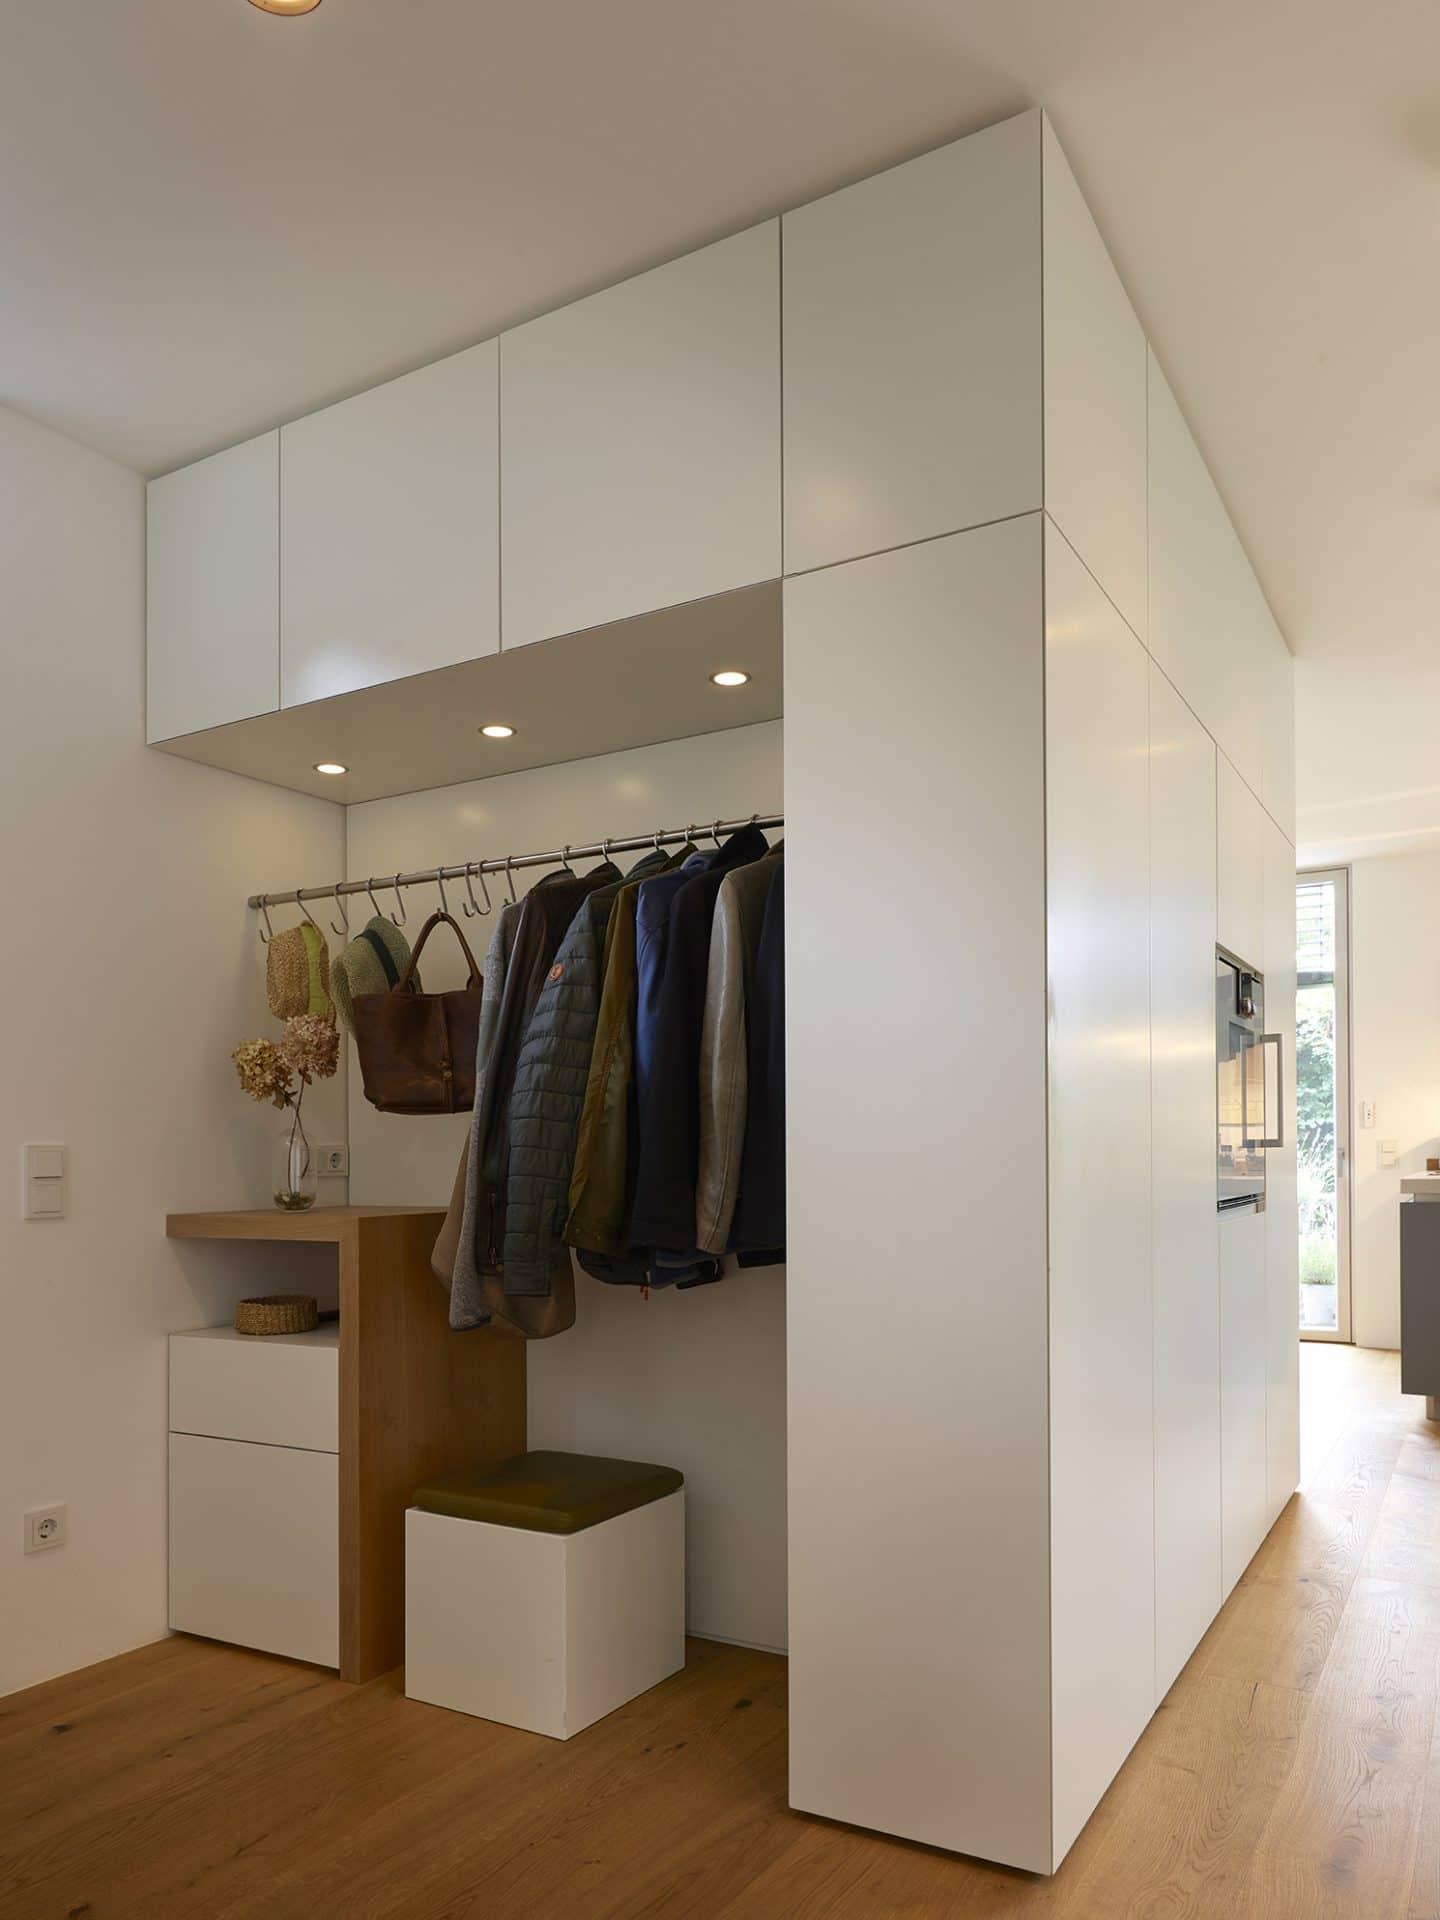 Küchendesign von VOIT in Eiche Natur mit BetonART und Edelstahl - Diele mit Garderobe mit Kleidungsstücken